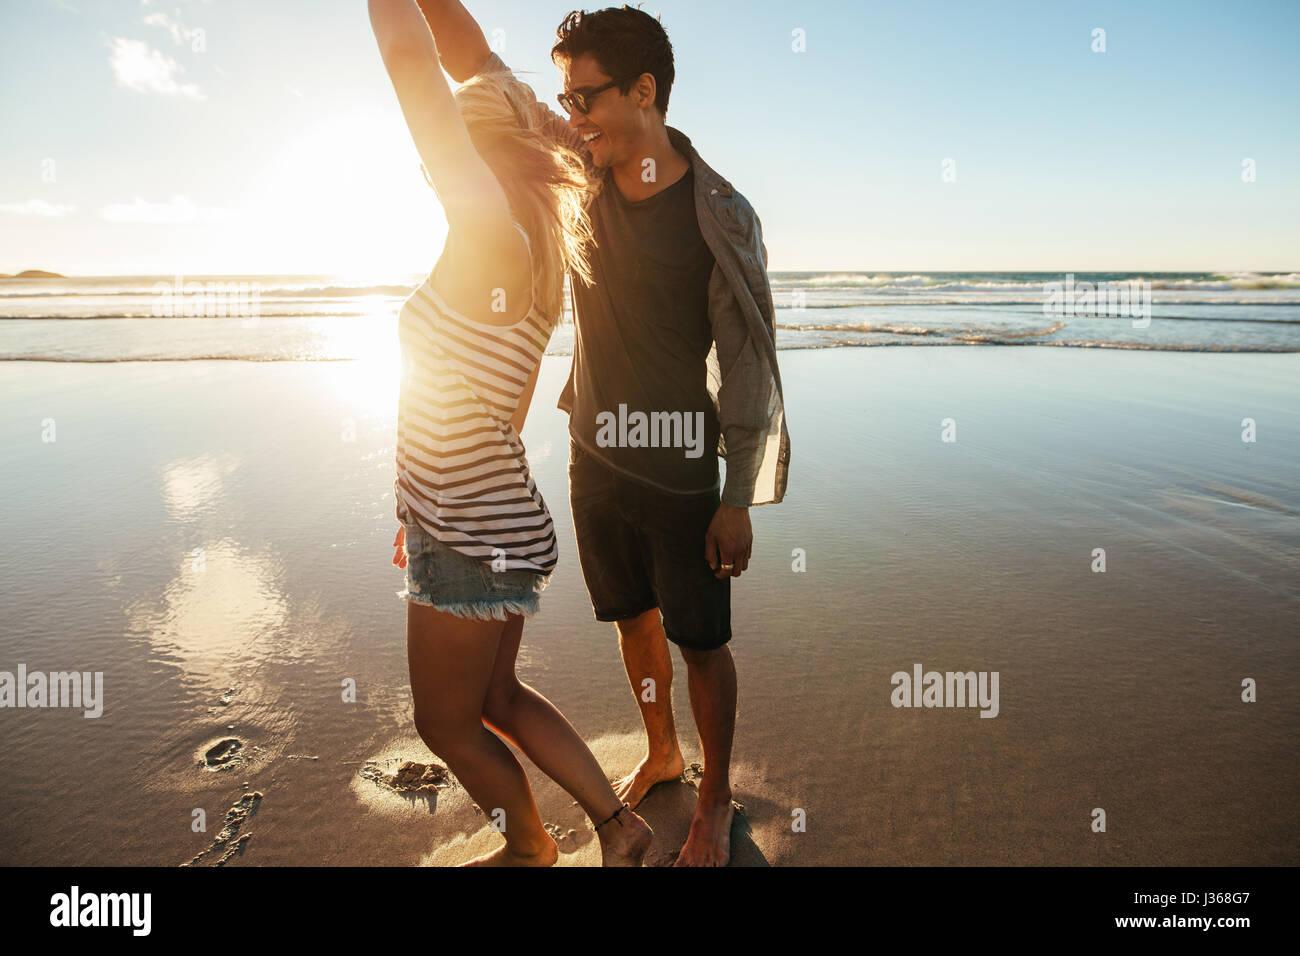 Colpo di amare giovane coppia danzante sulla spiaggia un giorno d'estate. Giovane uomo e donna ballare in riva Immagini Stock